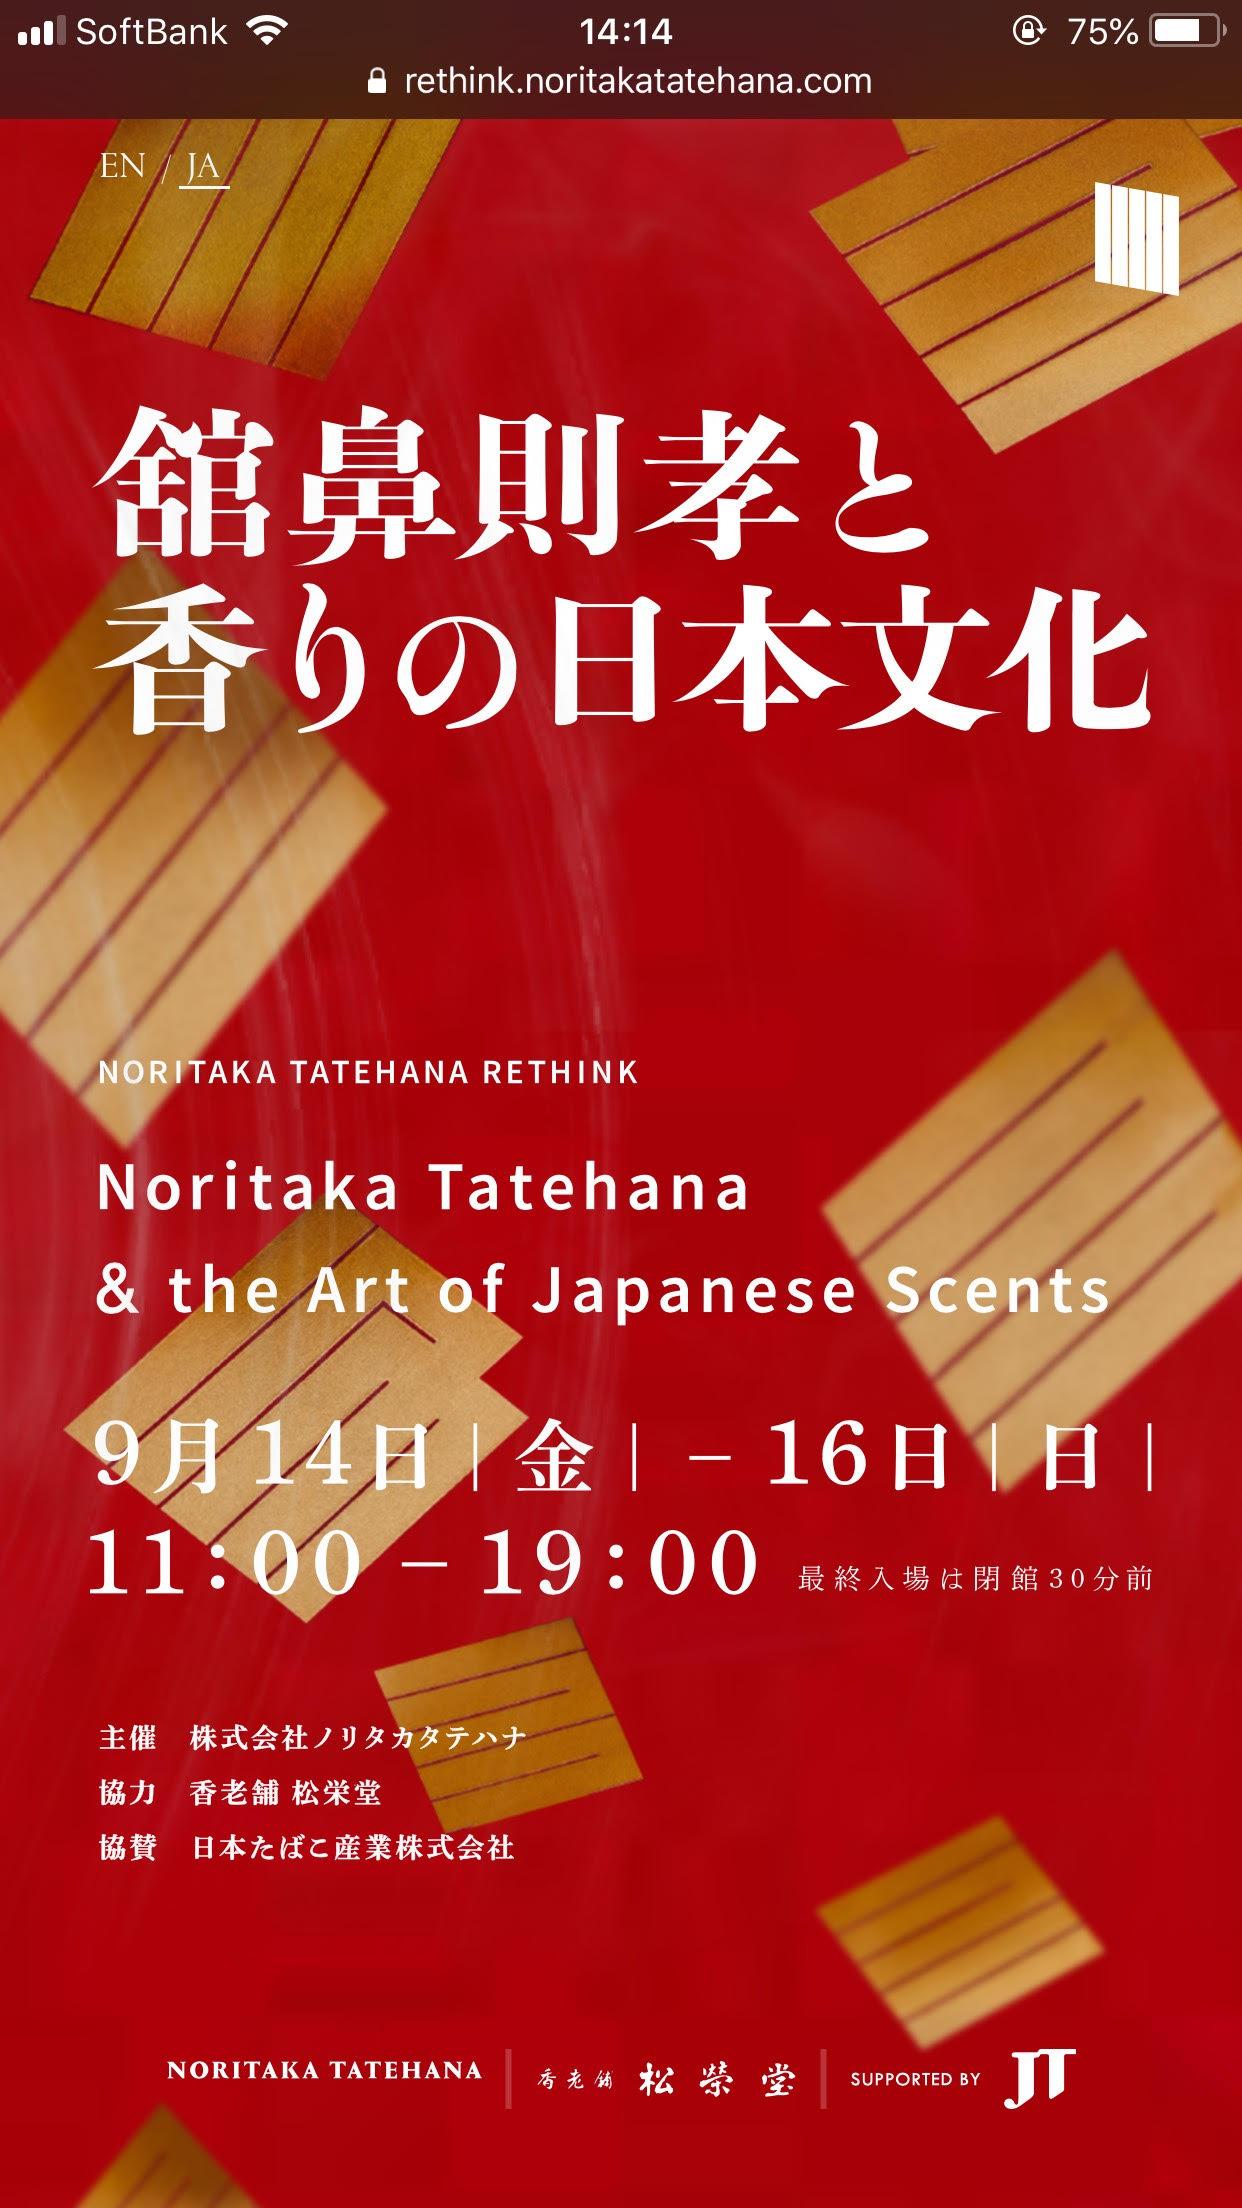 舘鼻則孝と香りの日本文化 - / NORITAKA TATEHANA RETHINK